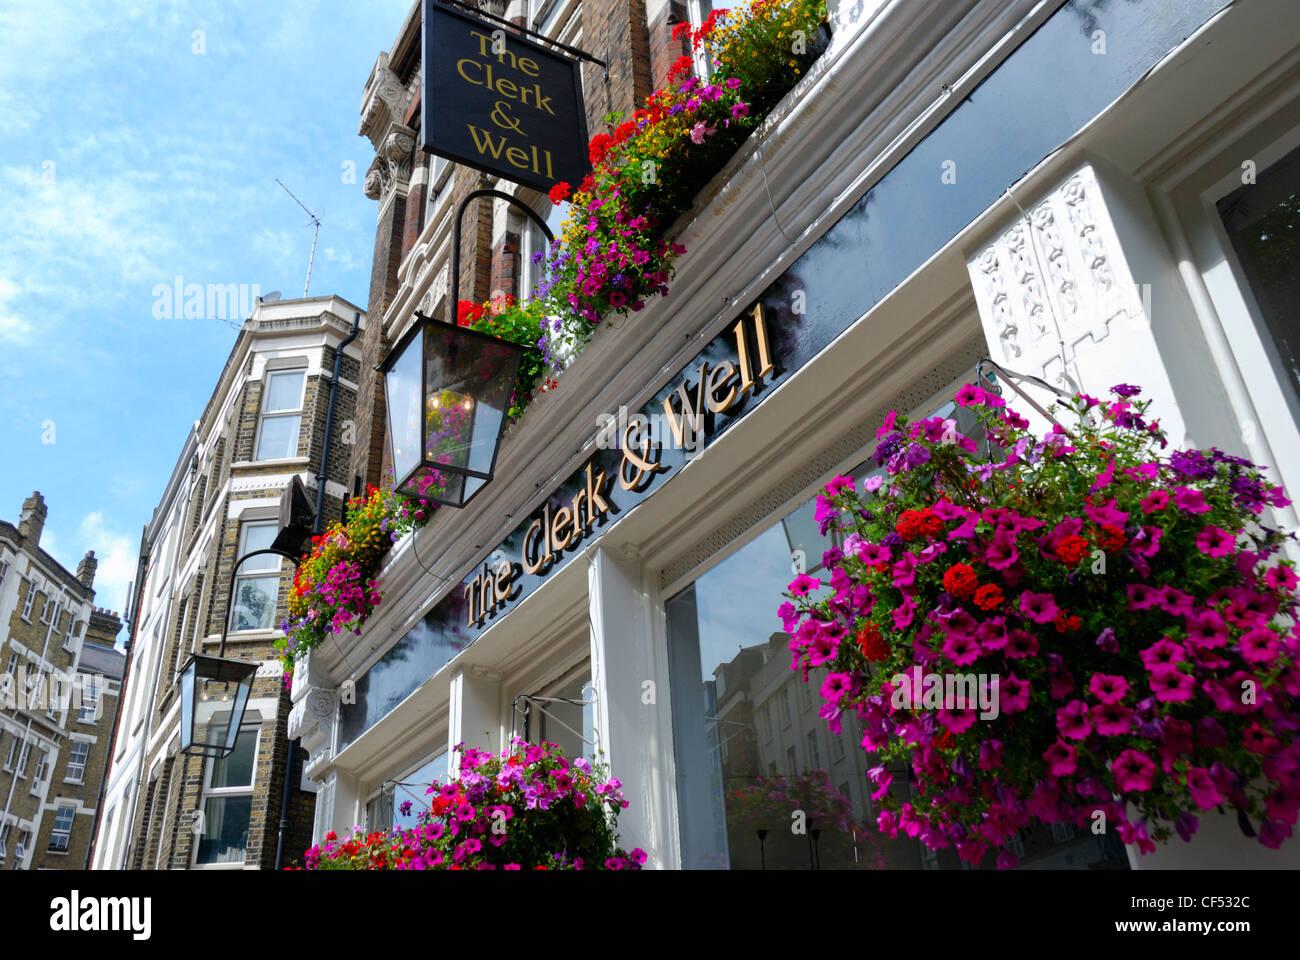 Le Greffier et le bien public house à Clerkenwell Road. Photo Stock